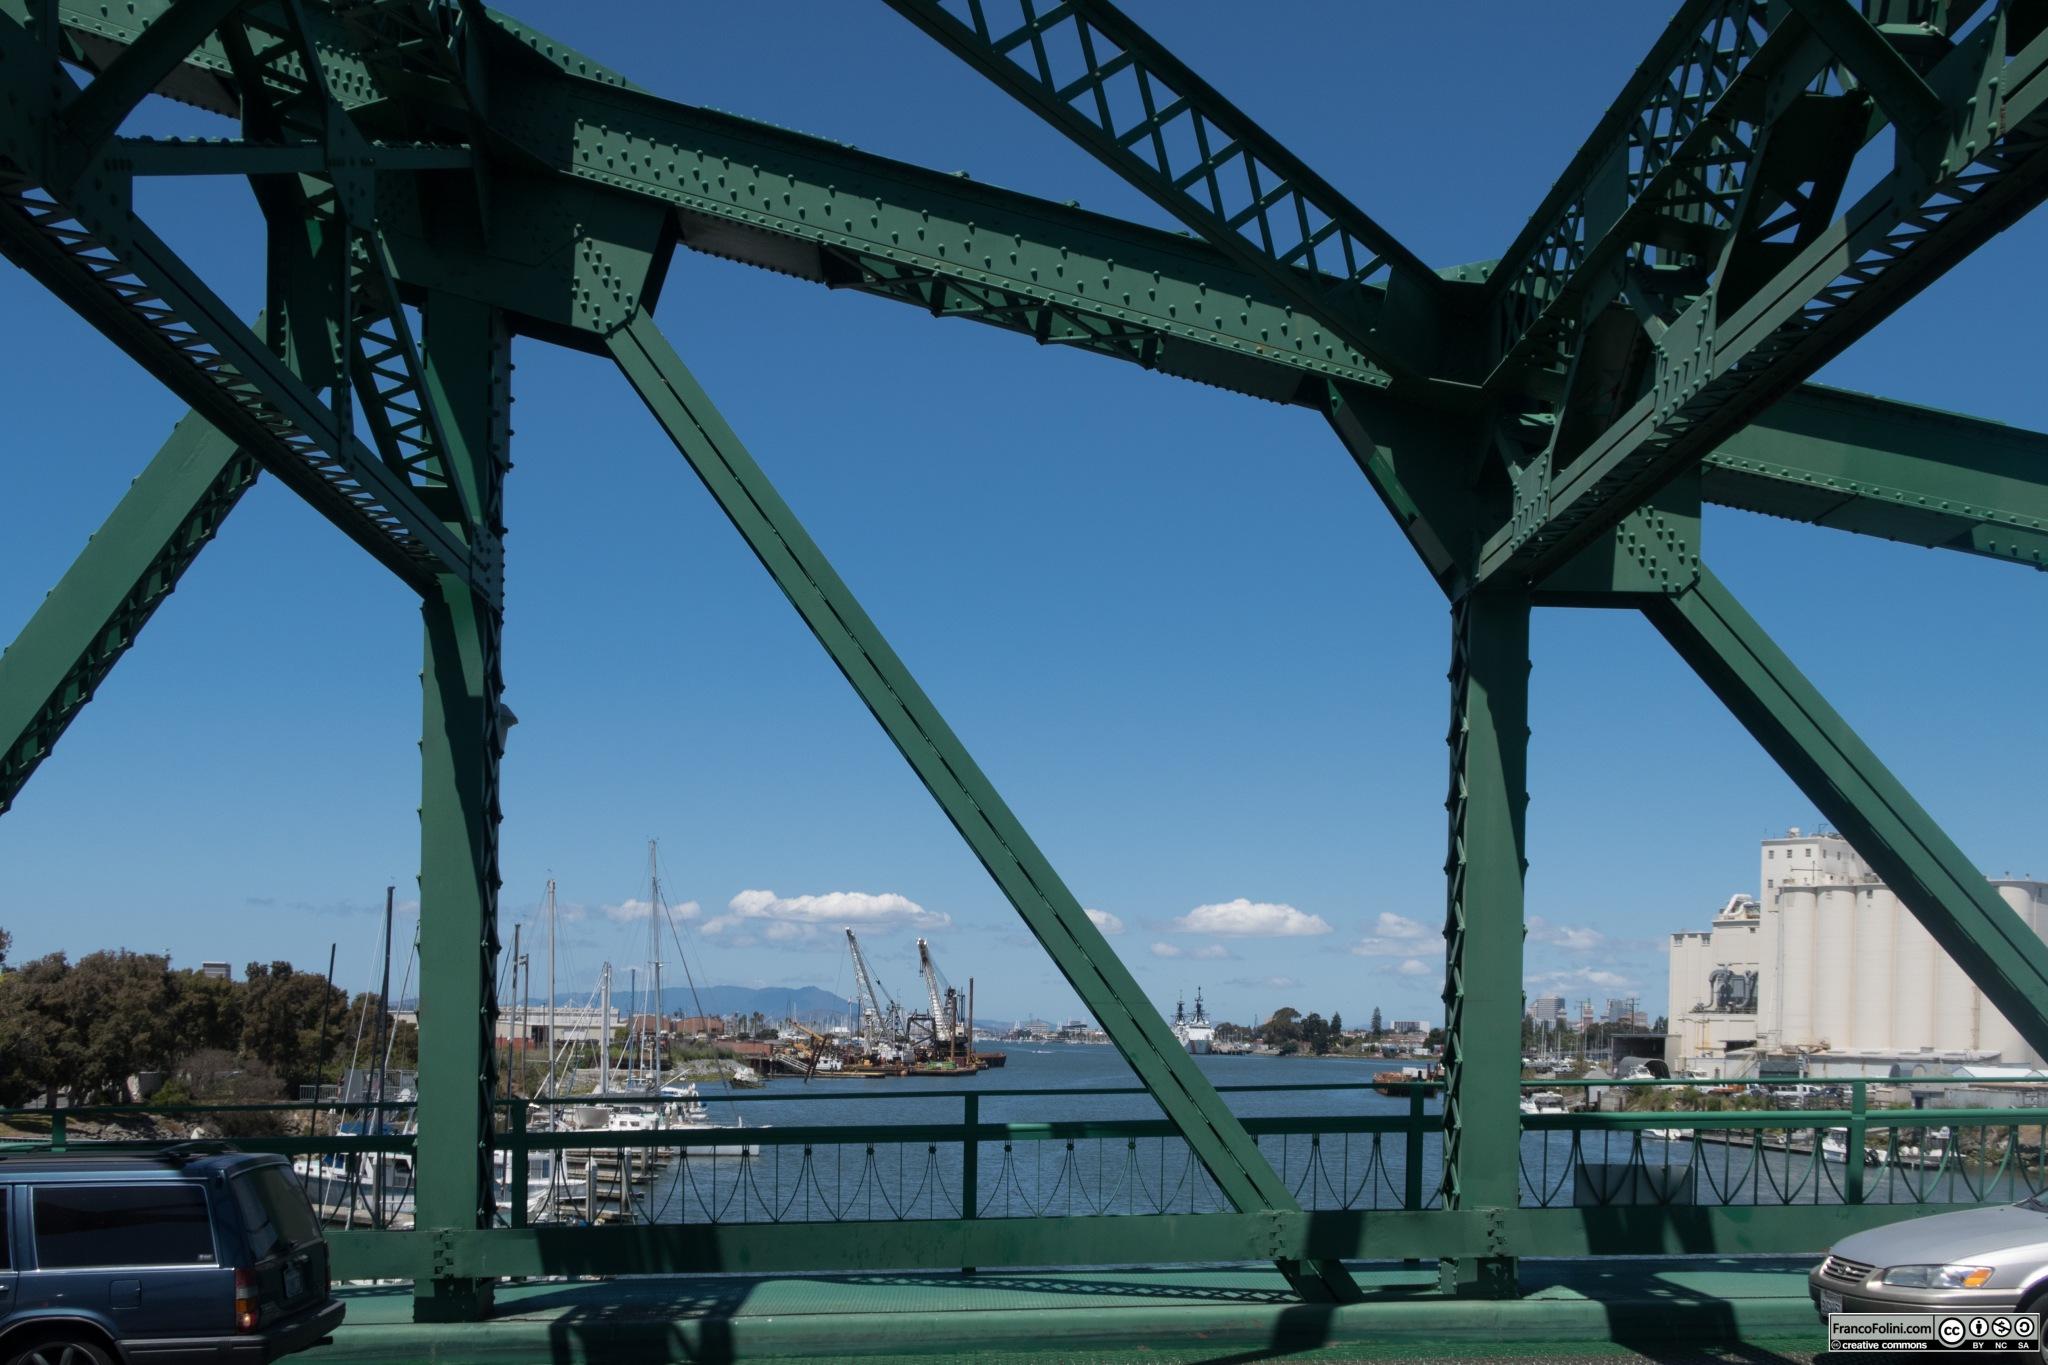 Vista del ponte levatoio di Park Street che connette l'isola di alameda con Oakland. In questa immagine il ponte e' abbassato e attraversato dalle auto